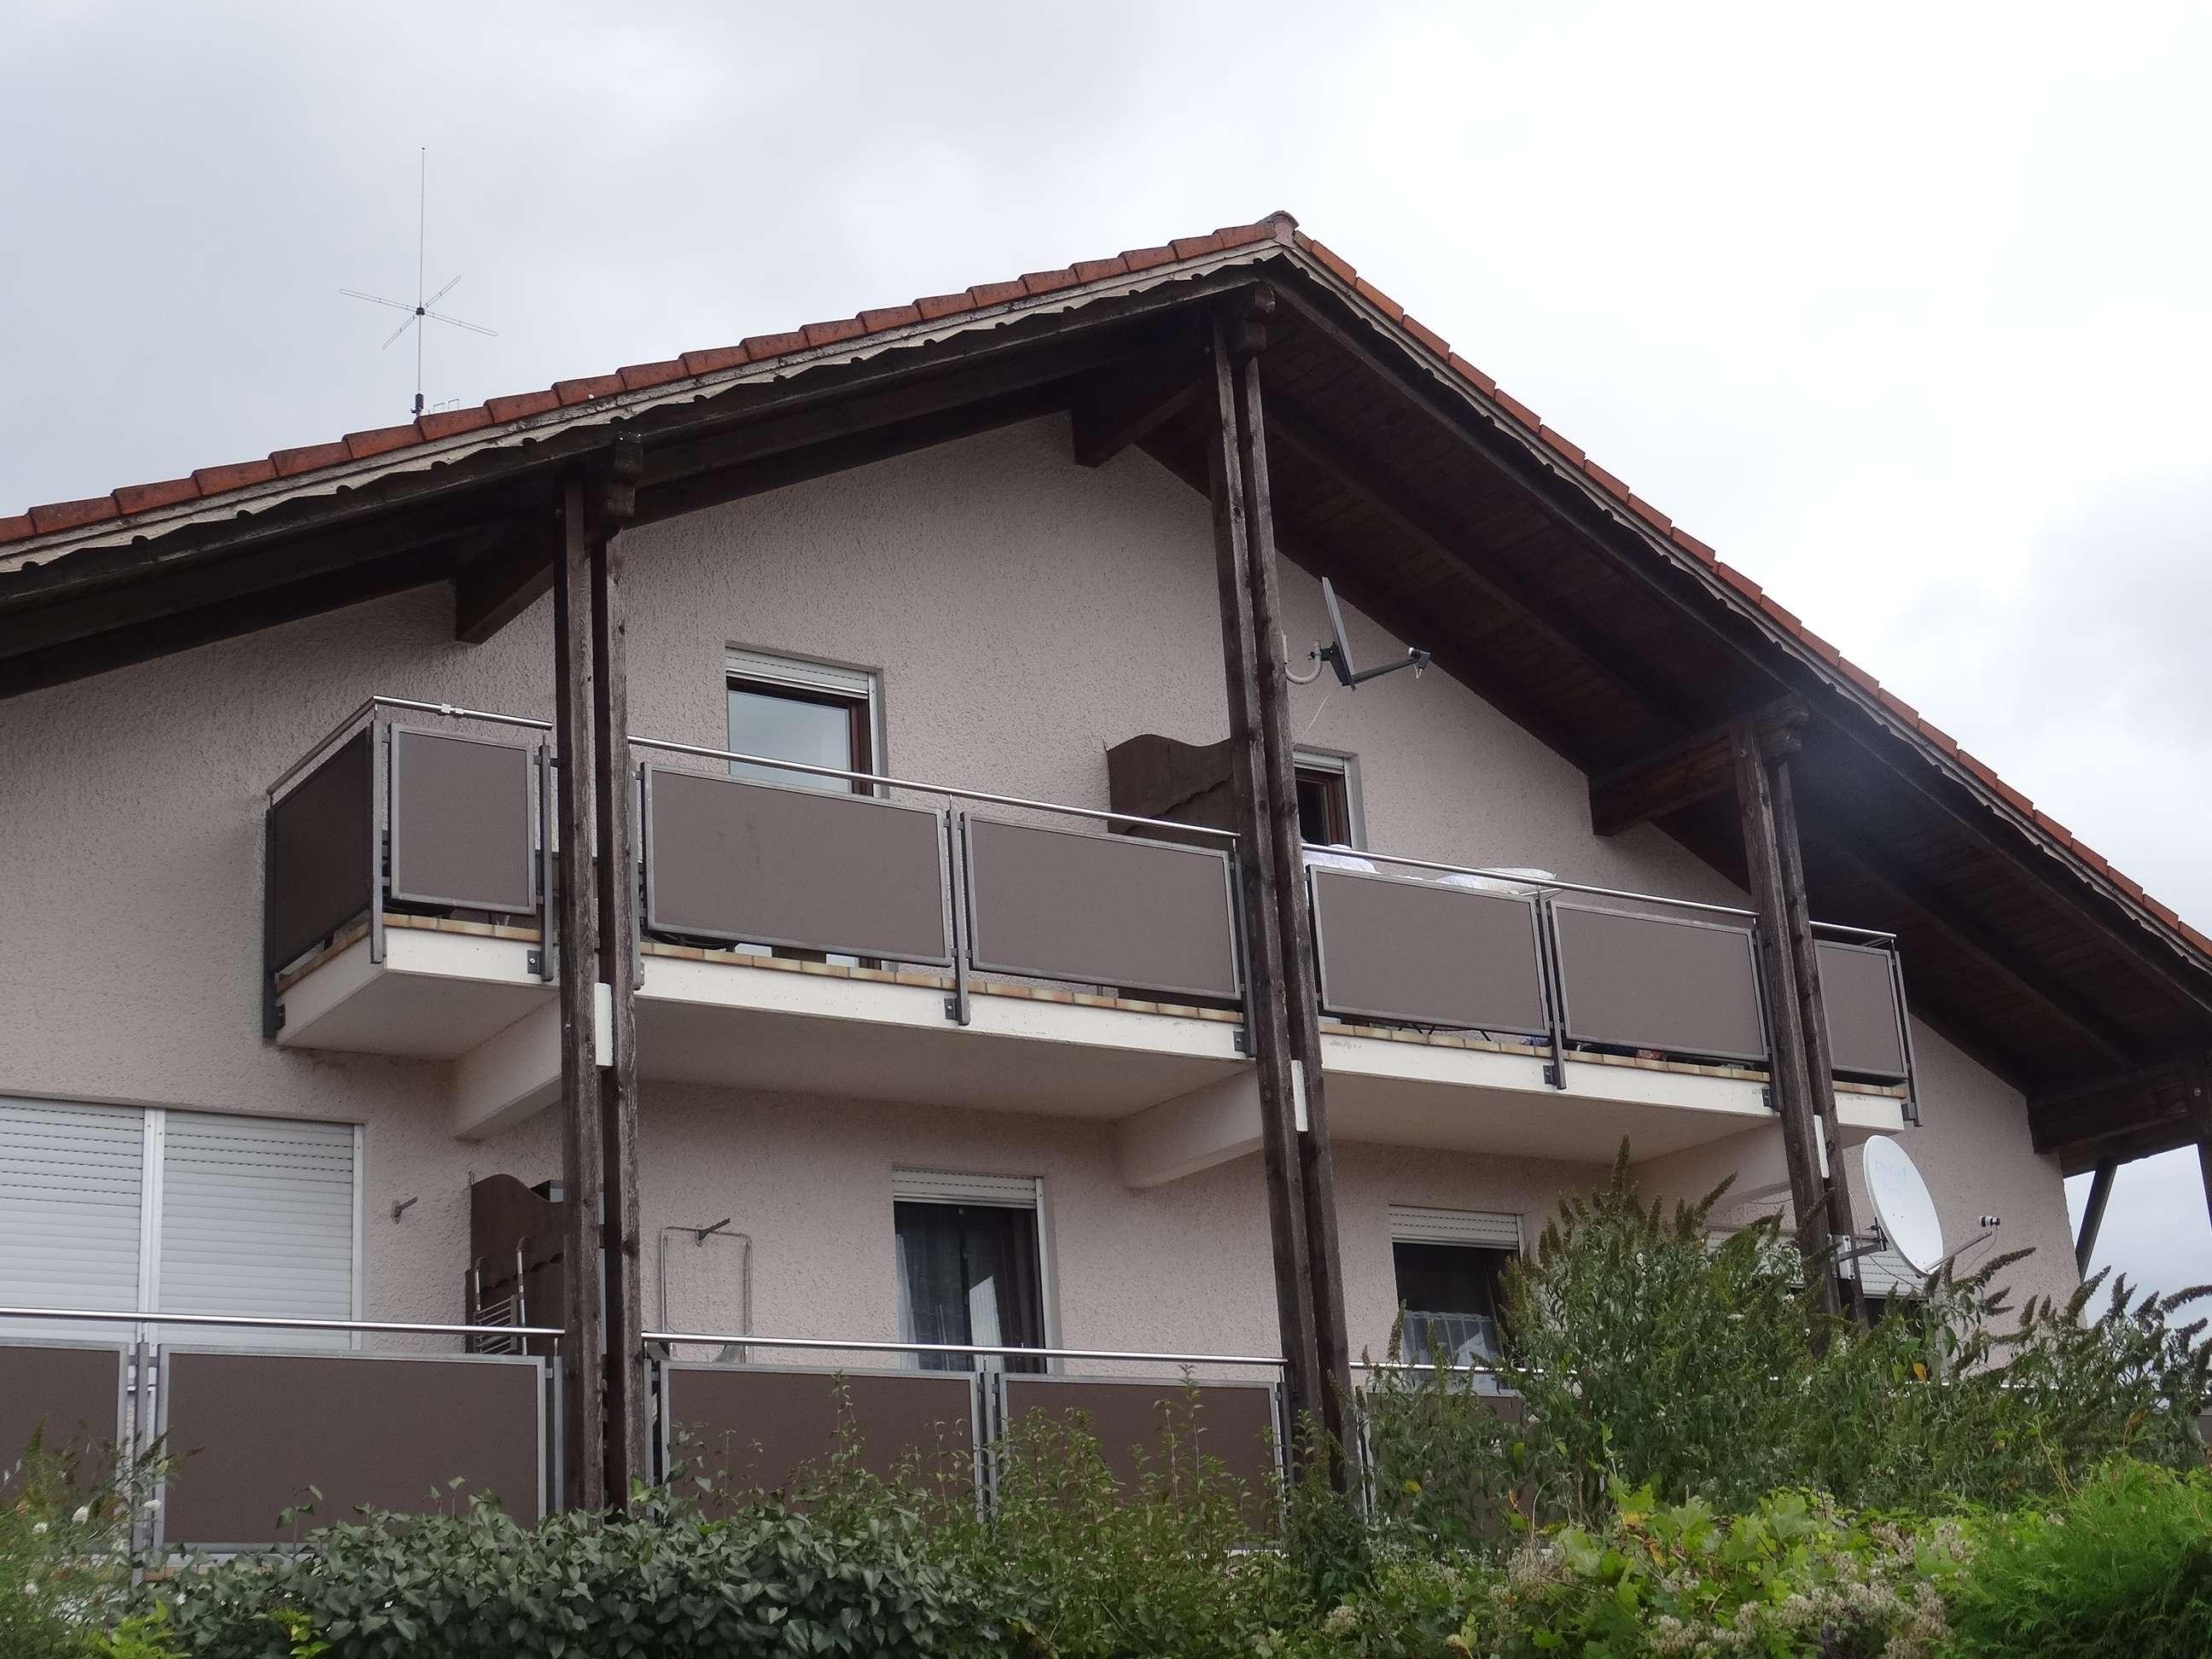 Gepflegte 1-Zimmer-Dachgeschosswohnung mit Balkon und EBK in Egglfing am Inn, Vorort von Bad Füssing in